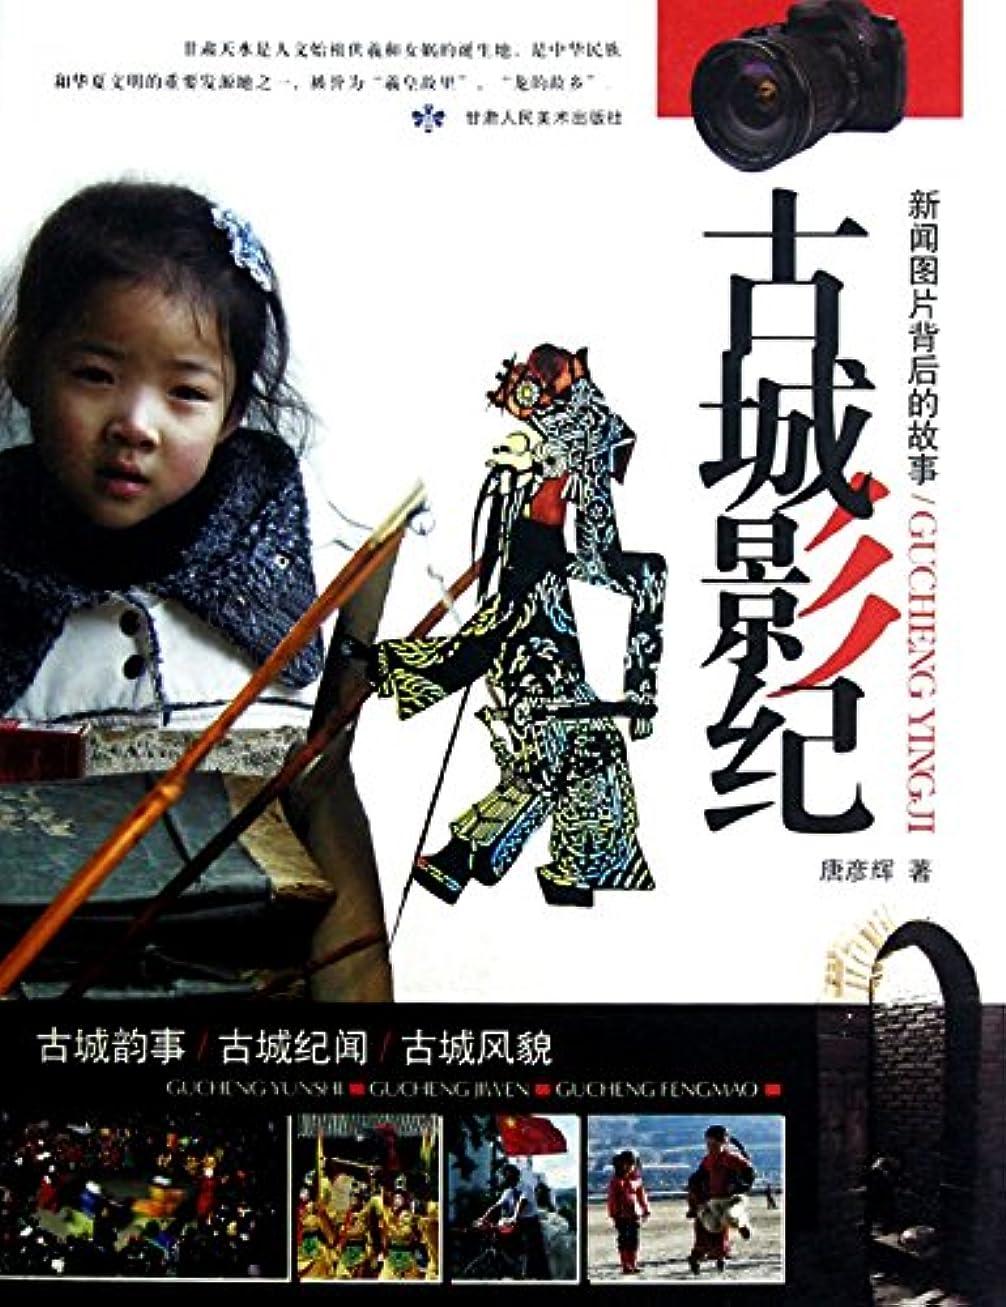 火曲線乳製品古城影纪 (Chinese Edition)